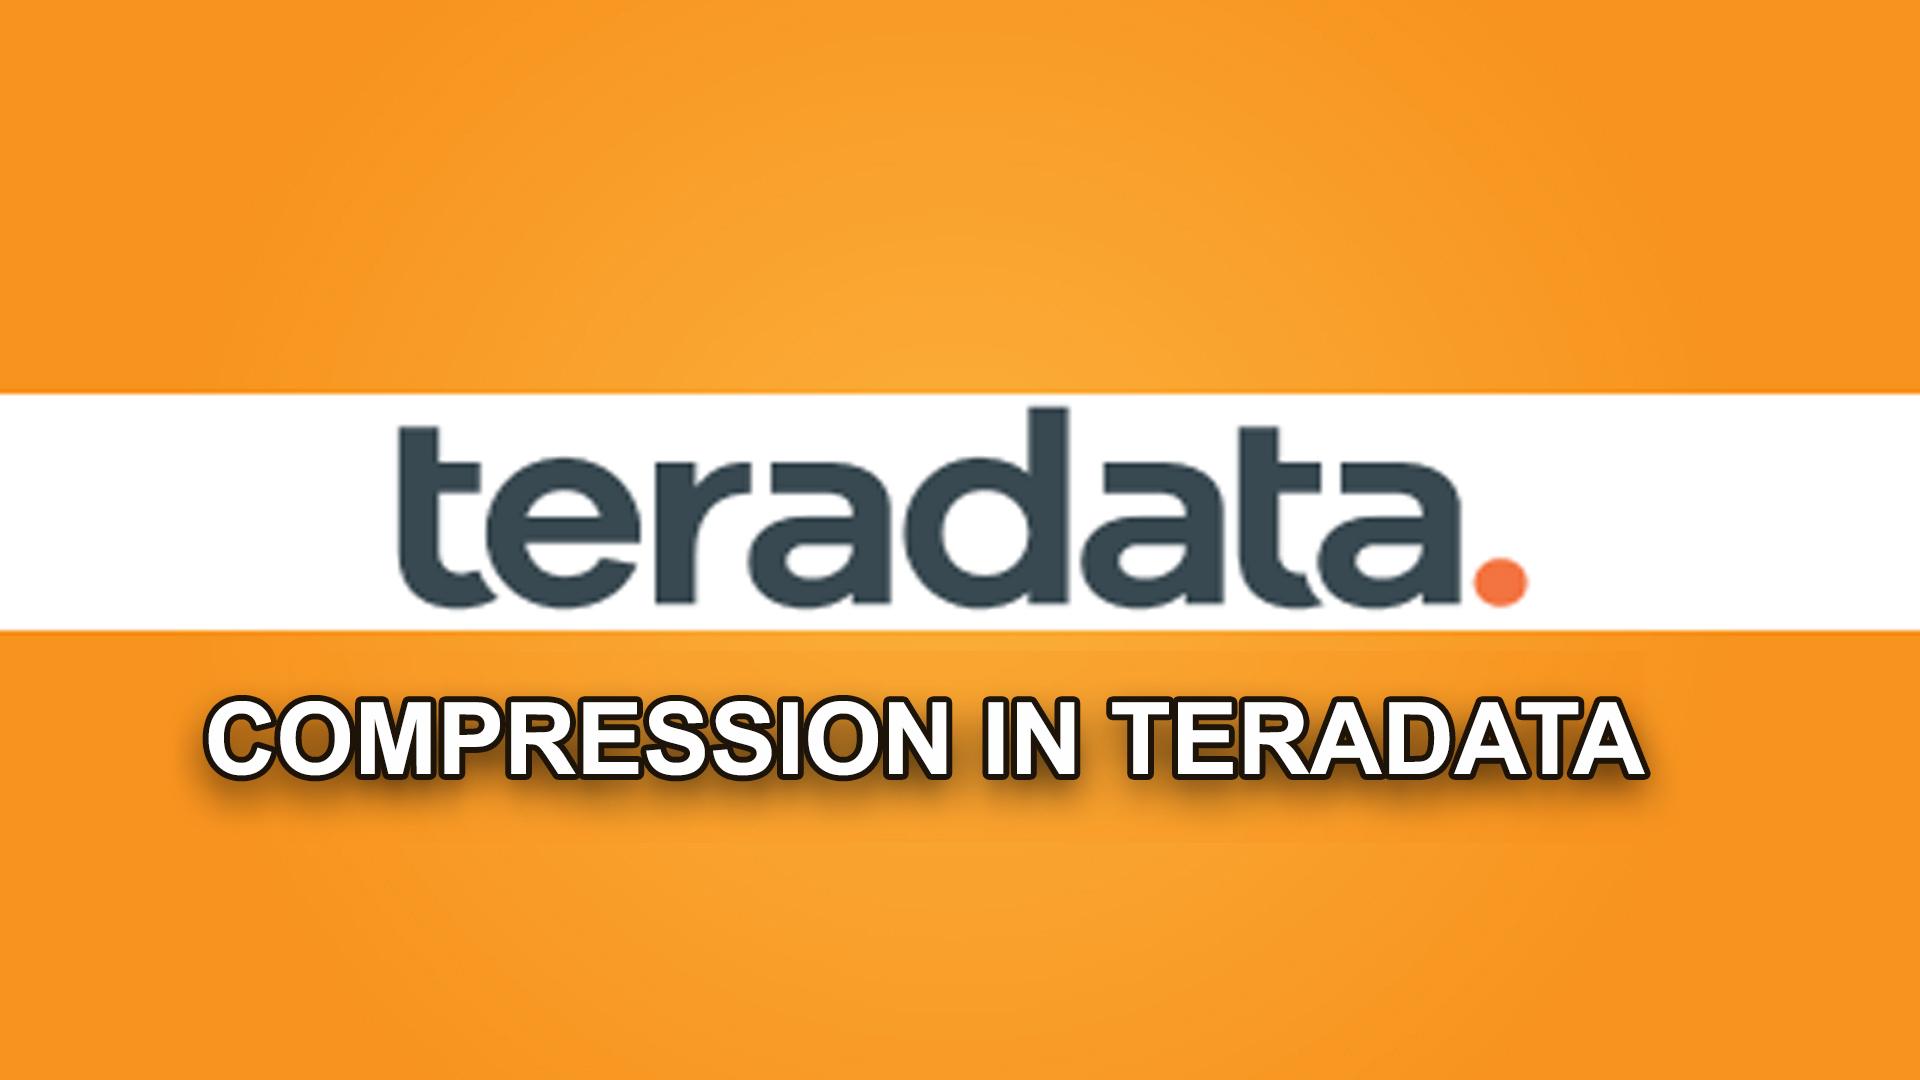 COMPRESSION IN TERADATA